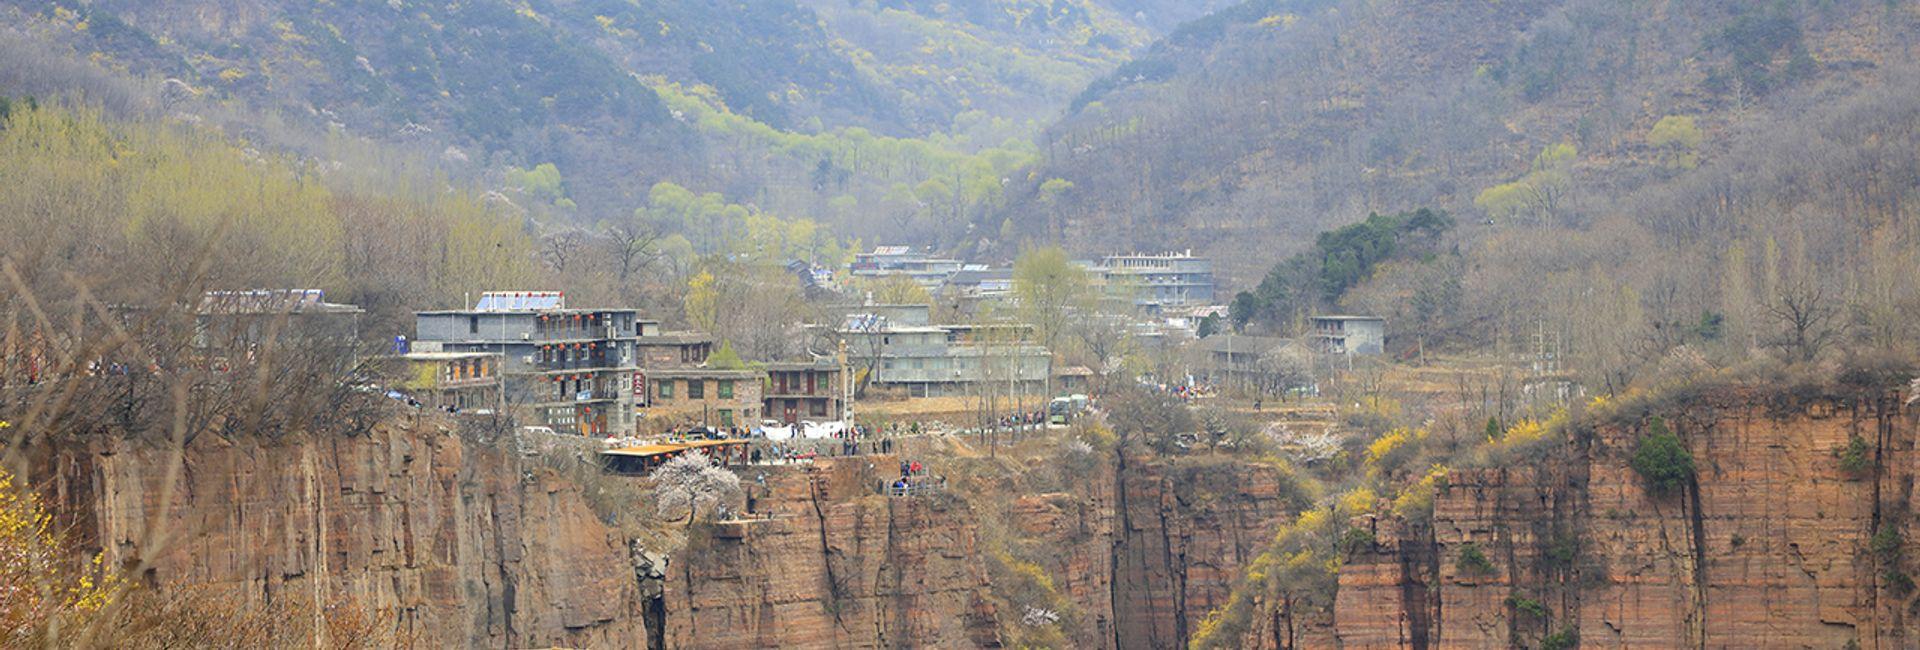 Top 6 địa điểm du lịch nổi tiếng ở Trịnh Châu, Trung Quốc